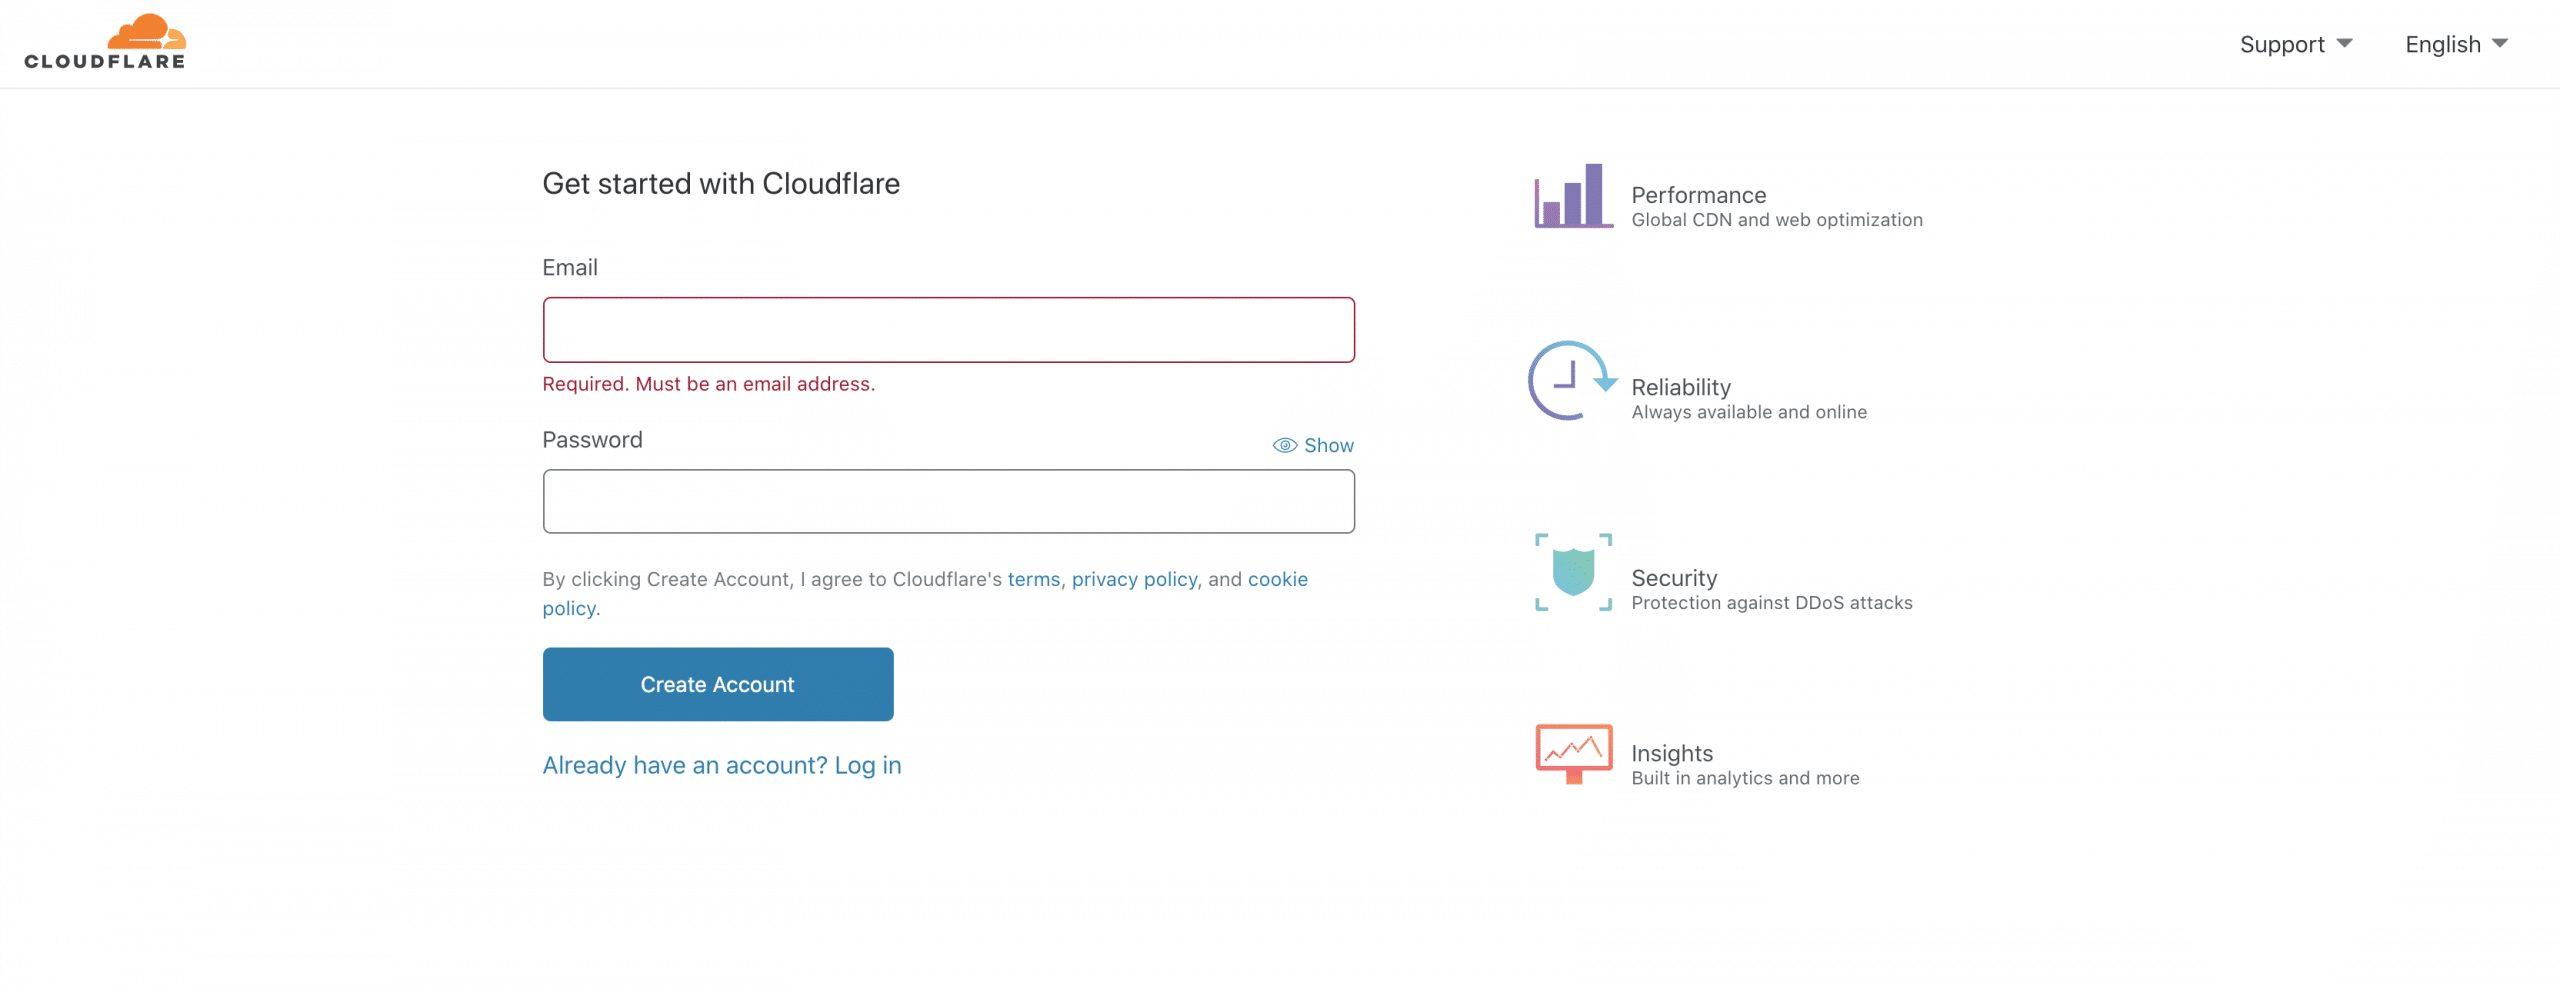 Cloudflare Hesap Oluşturma